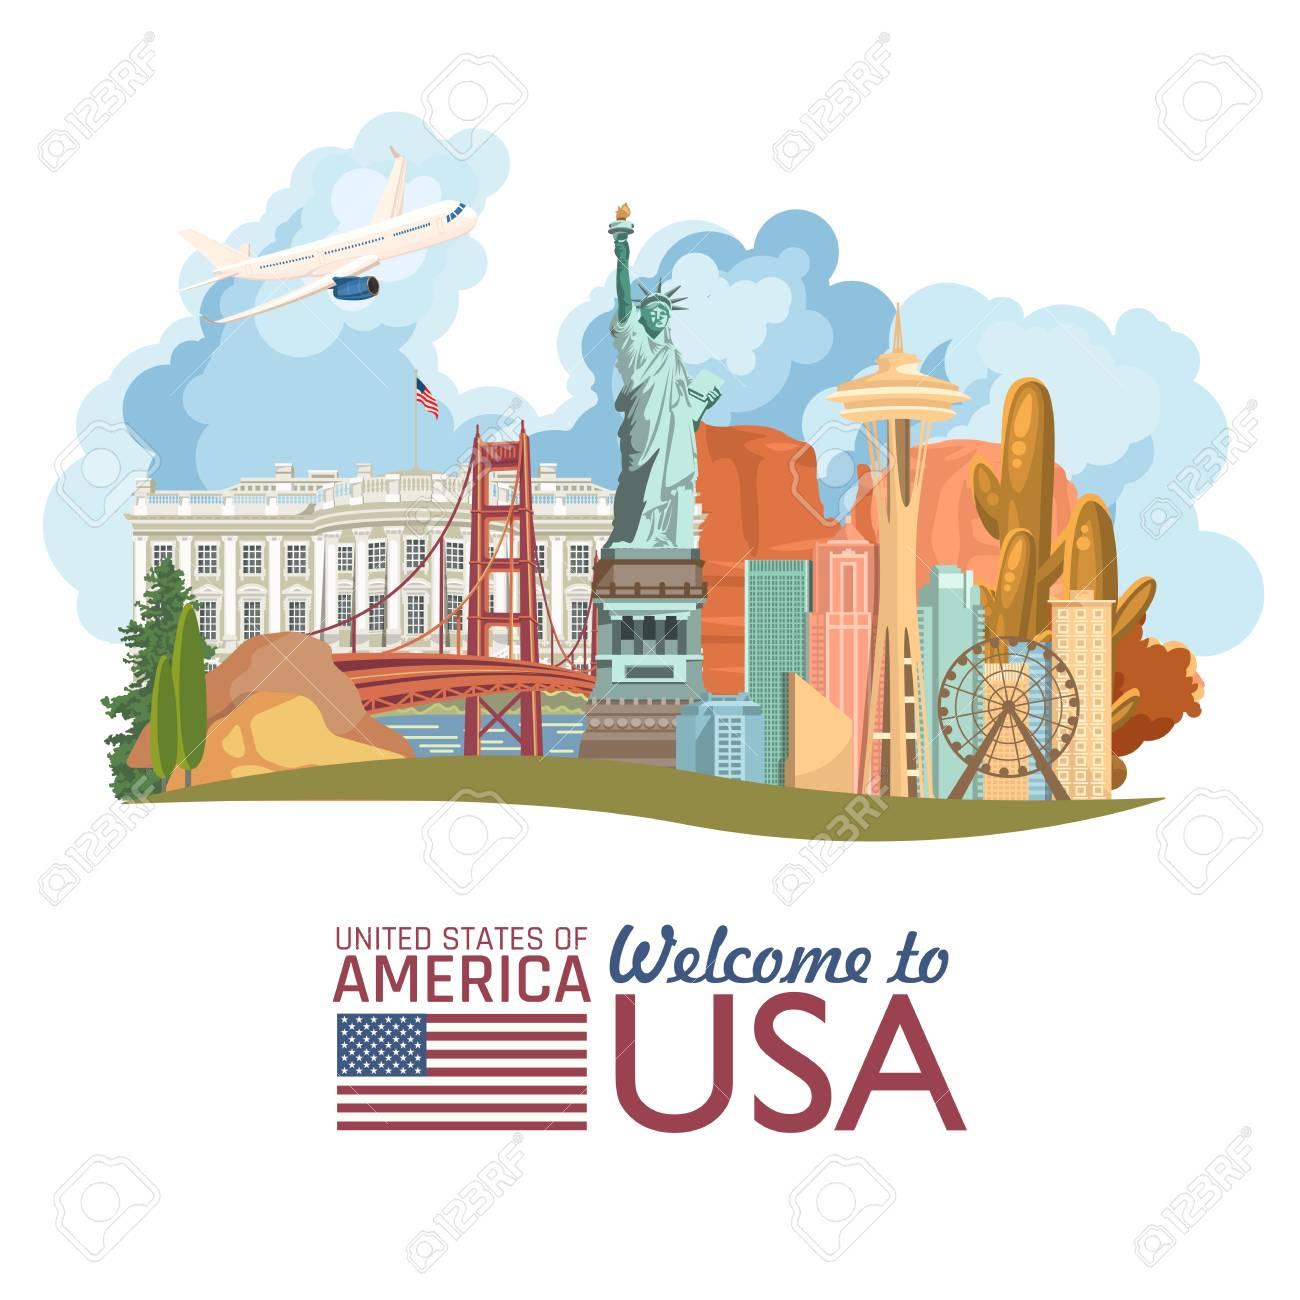 Chào mừng đến với đất nước Mỹ